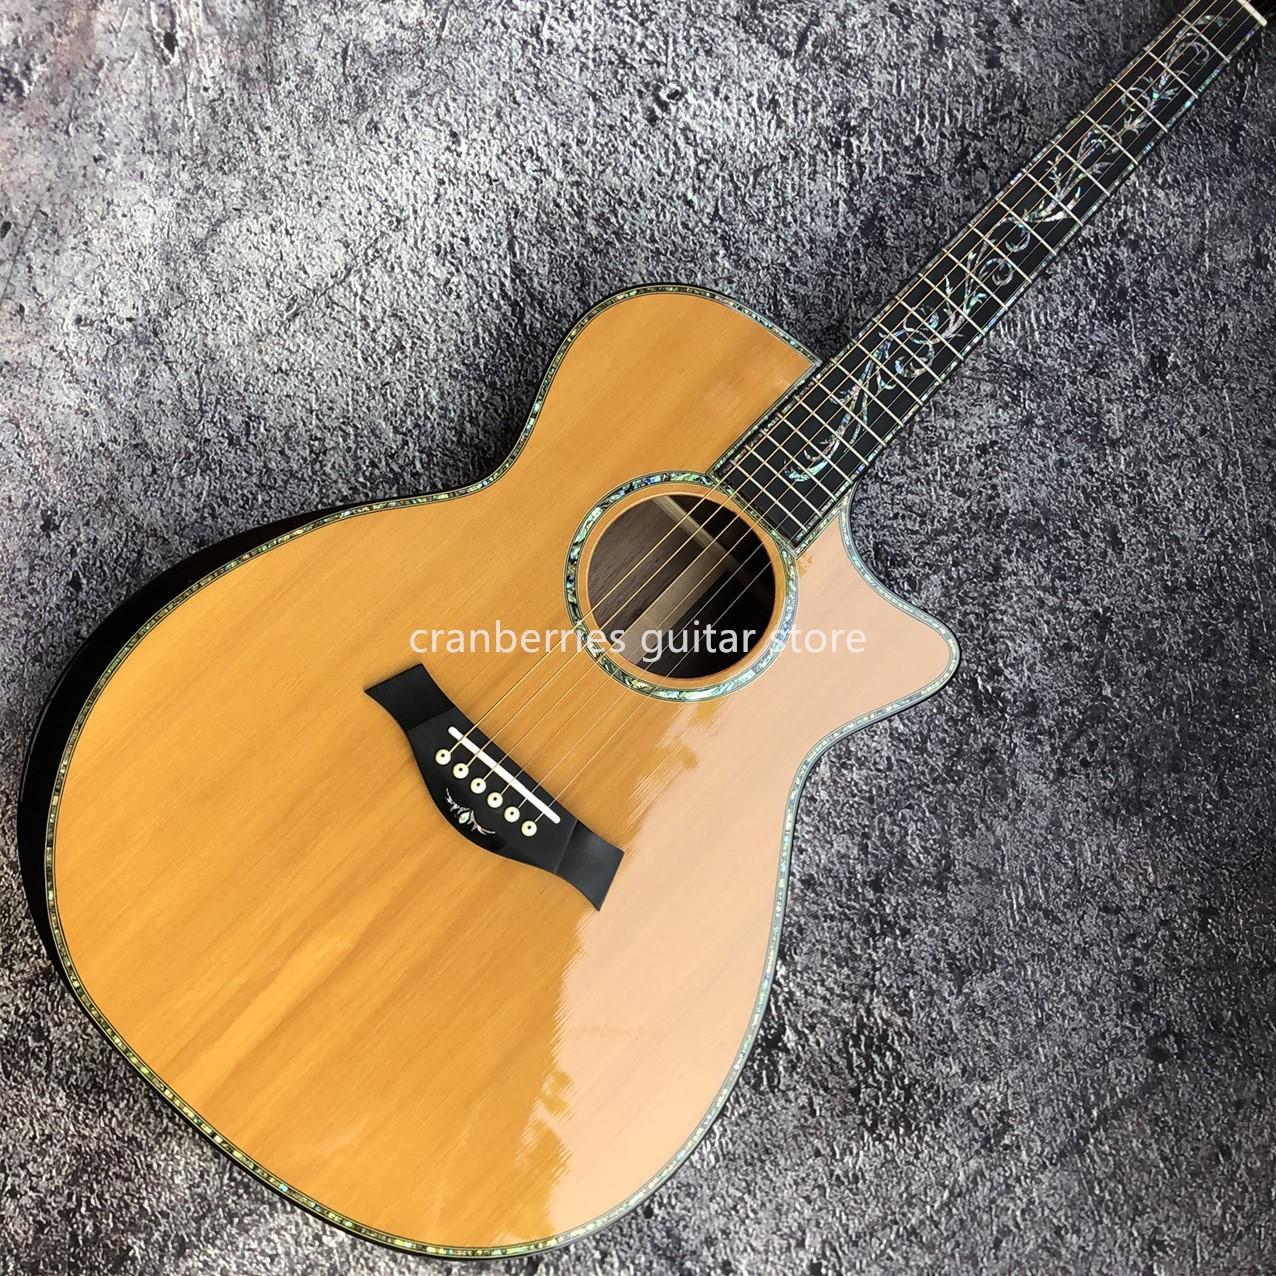 """Chaylor SP14 Echte Abalone Akustikgitarre, Zederplatte Sandelholz Zurück und Seiten, Gute Qualität 41 """"PS14CE Modell, 6 Saiten, echte Abalone Inlay,"""